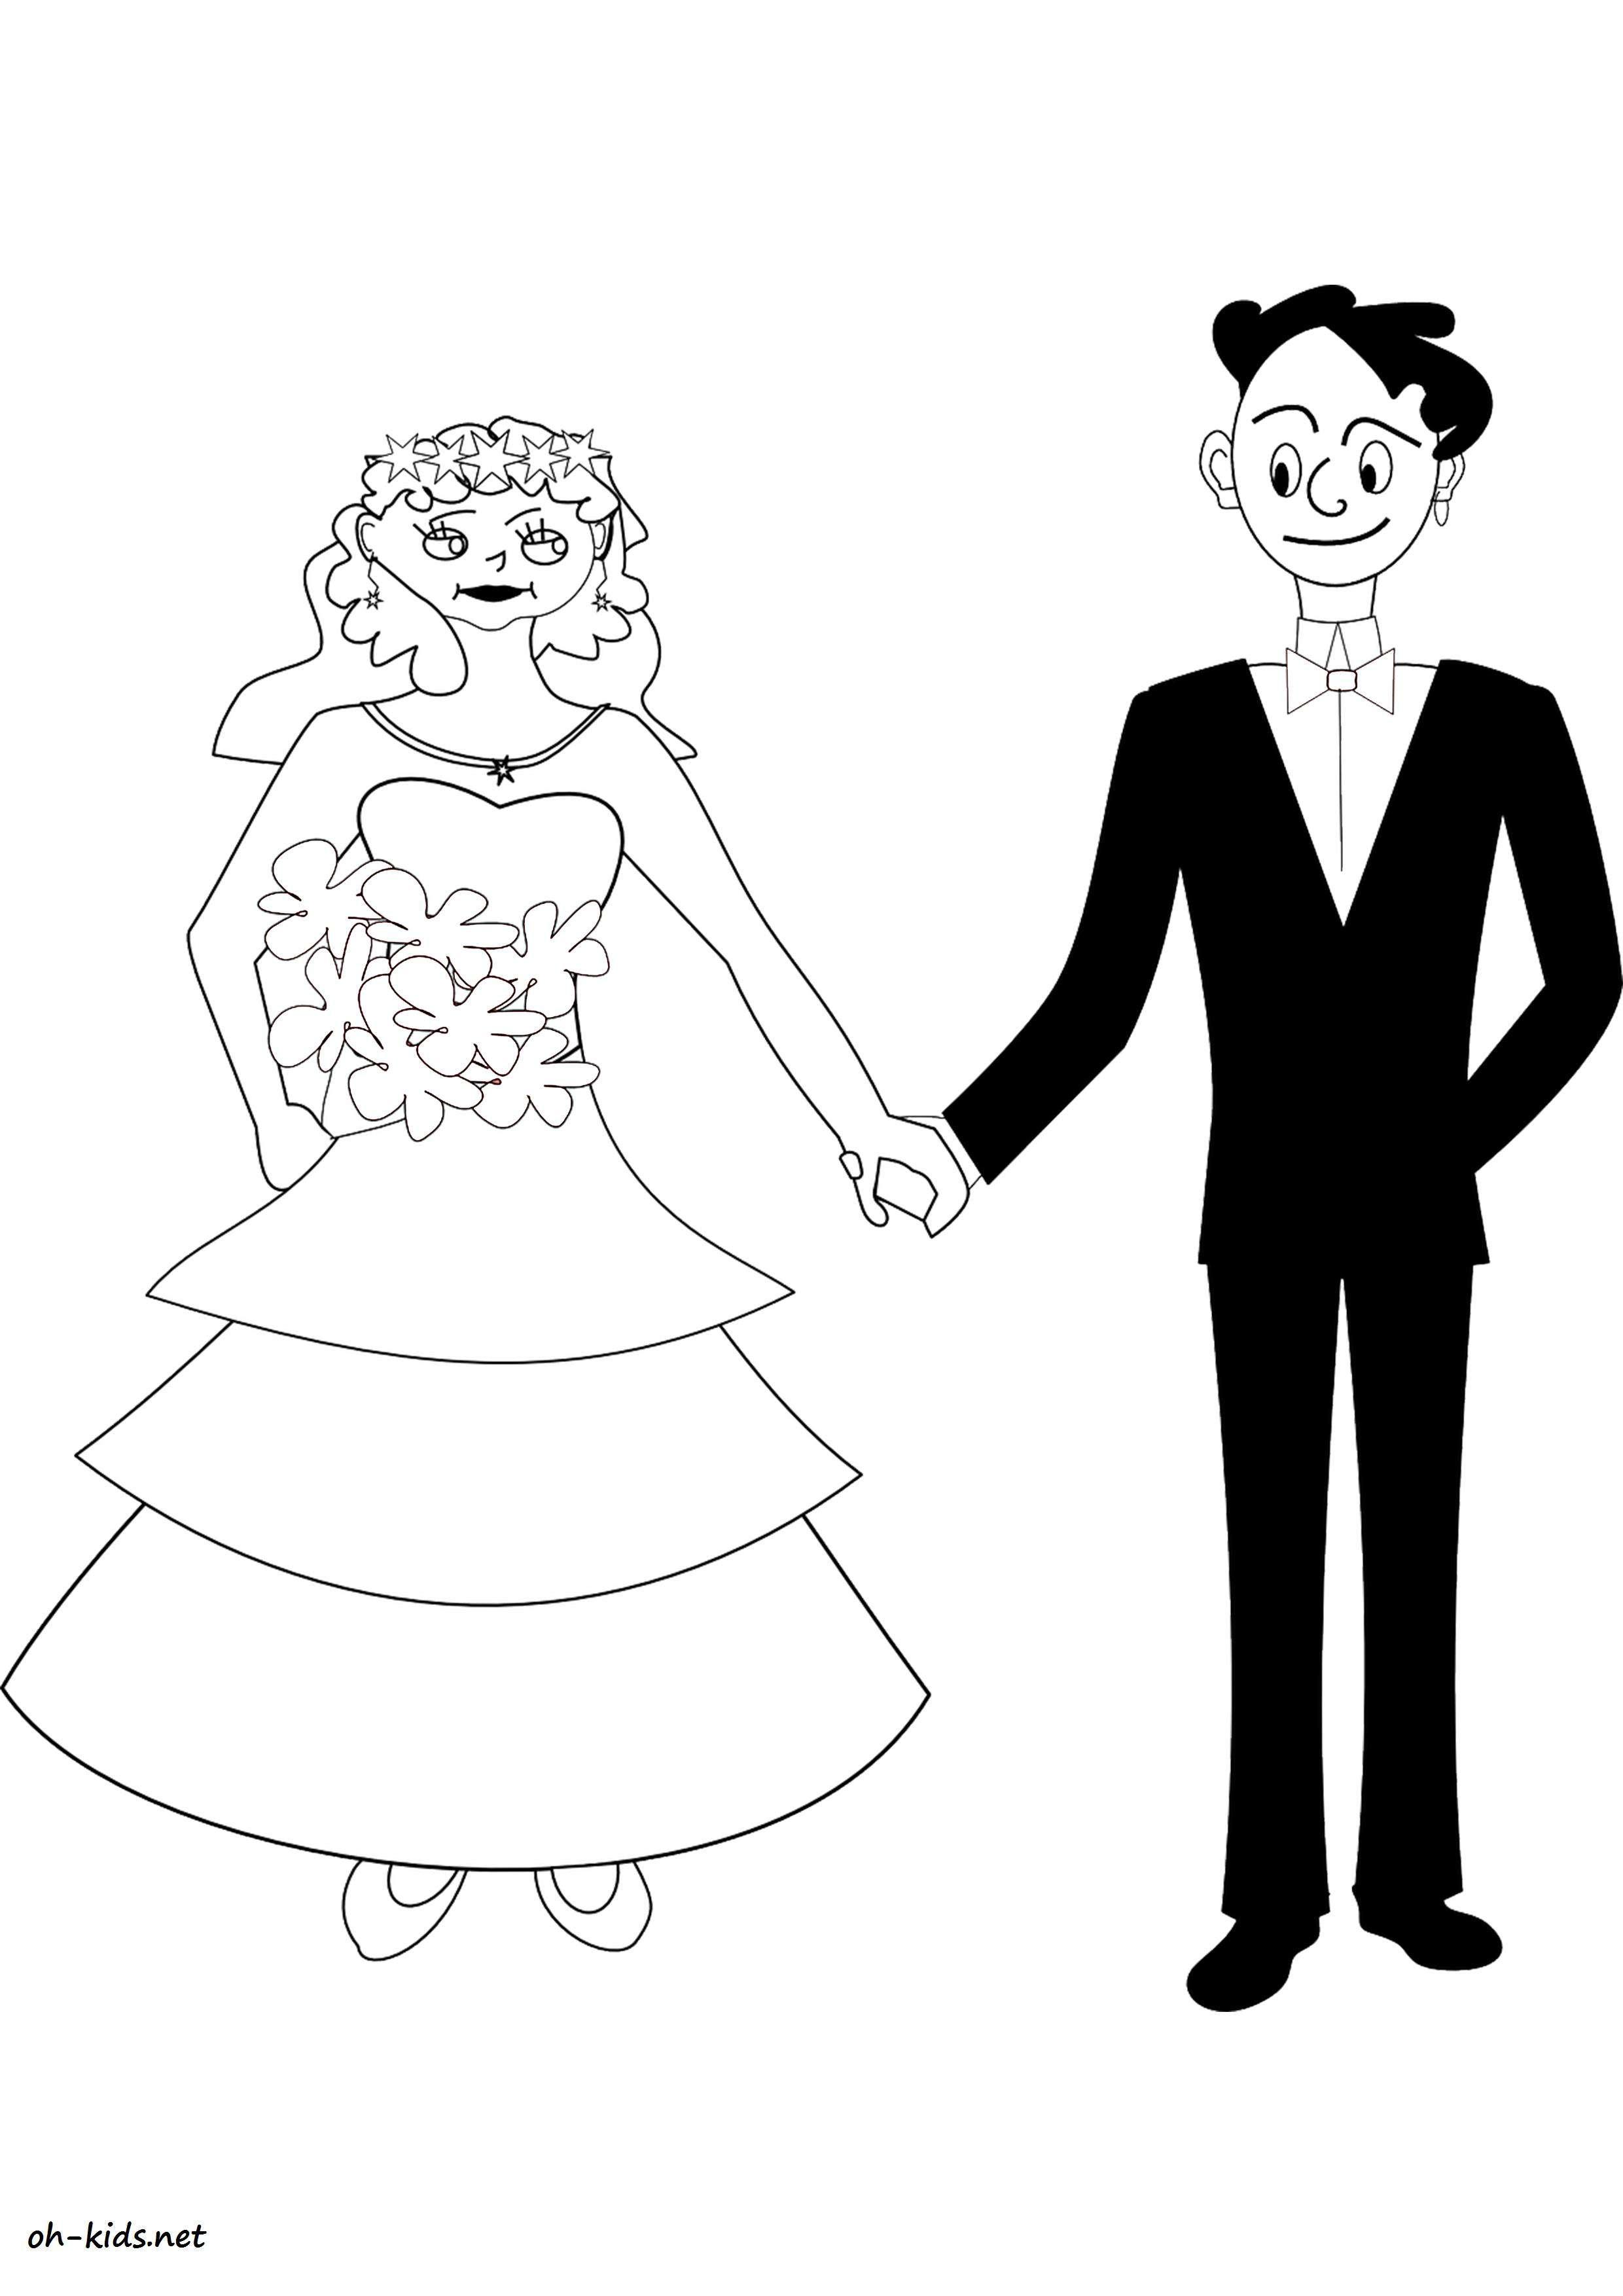 Dessin de mariage pour imprimer et colorier - Dessin #1196